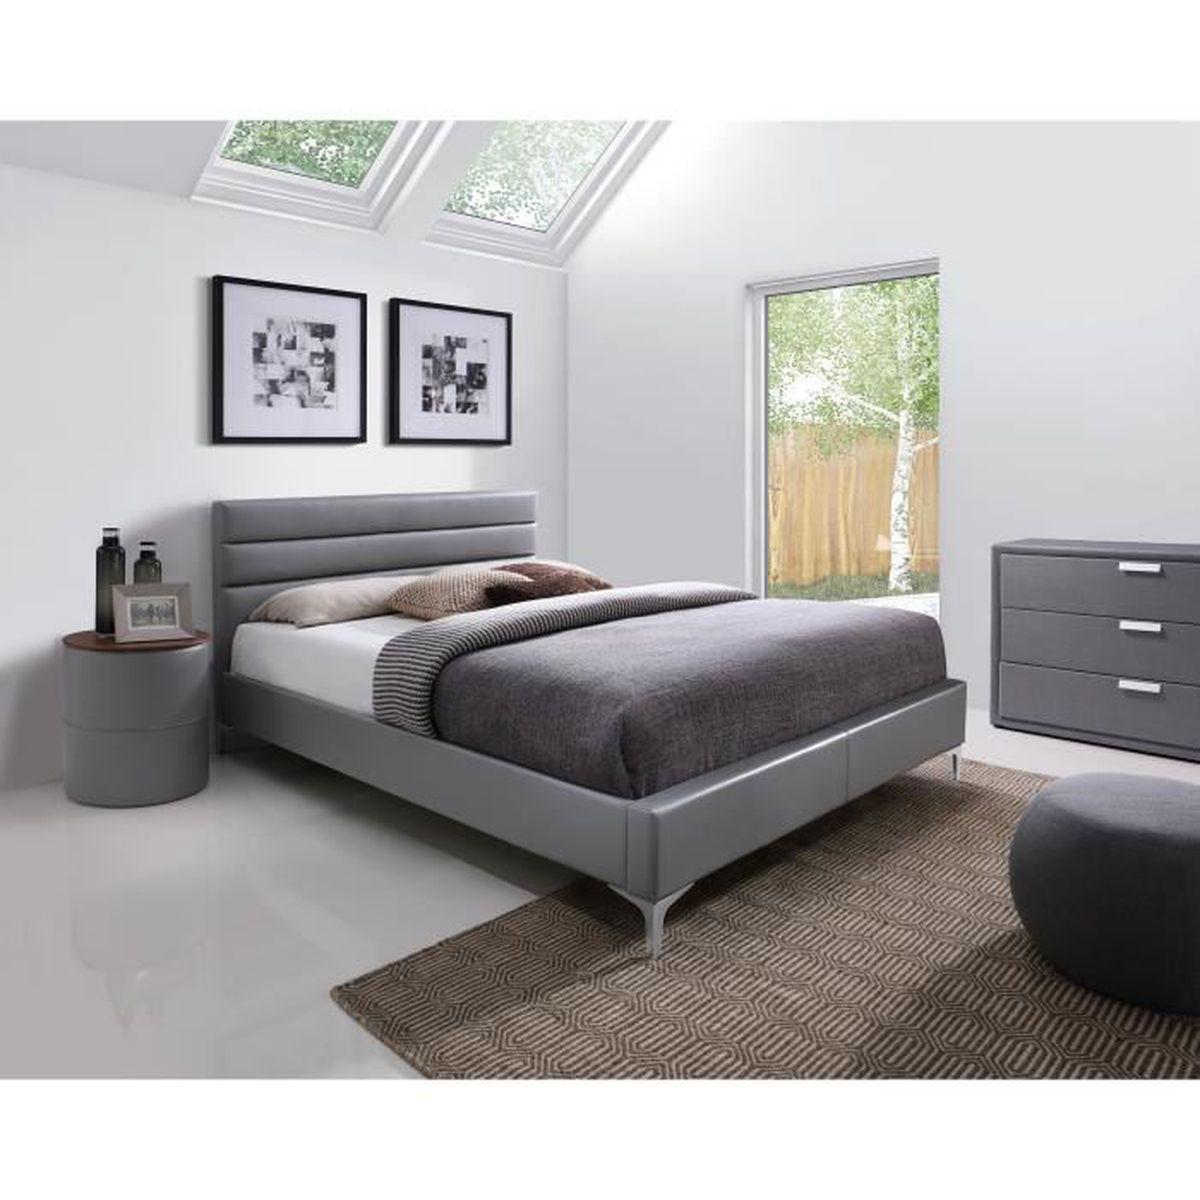 Chambre A Coucher Adulte price factory - lit adulte design gris thomas 140x200 cm